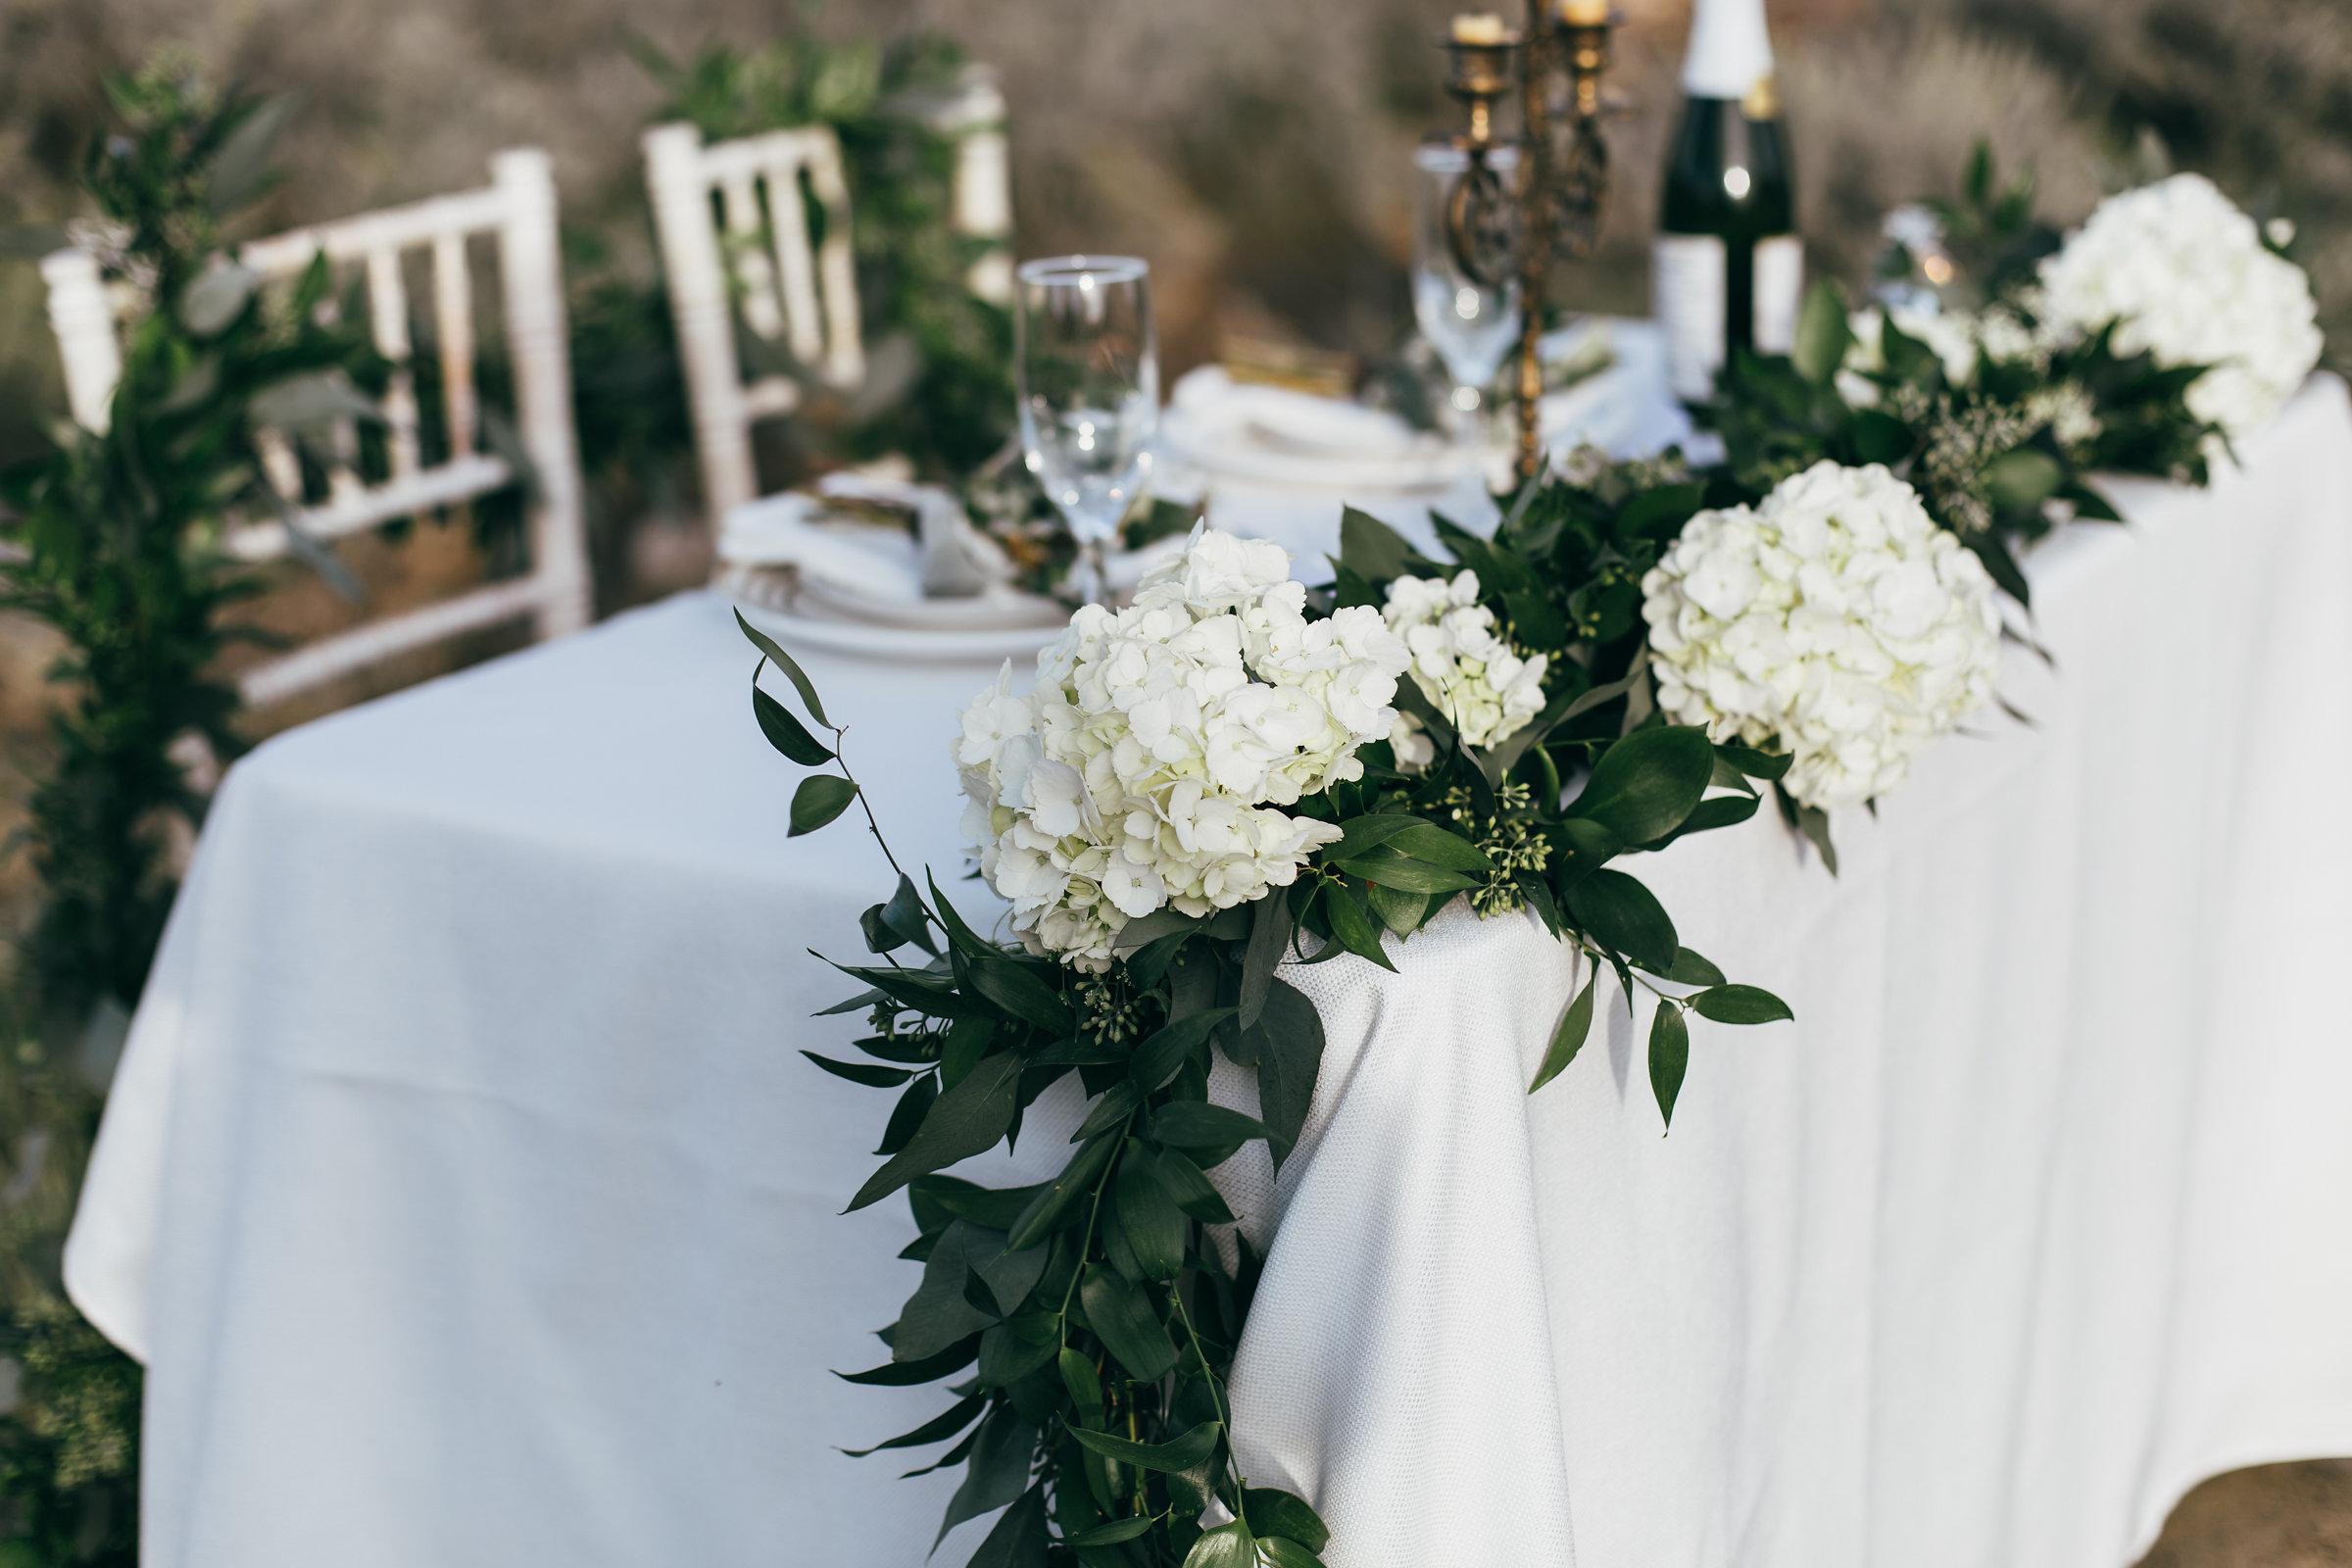 Fern & Frond Floral Design - Love in the Badlands